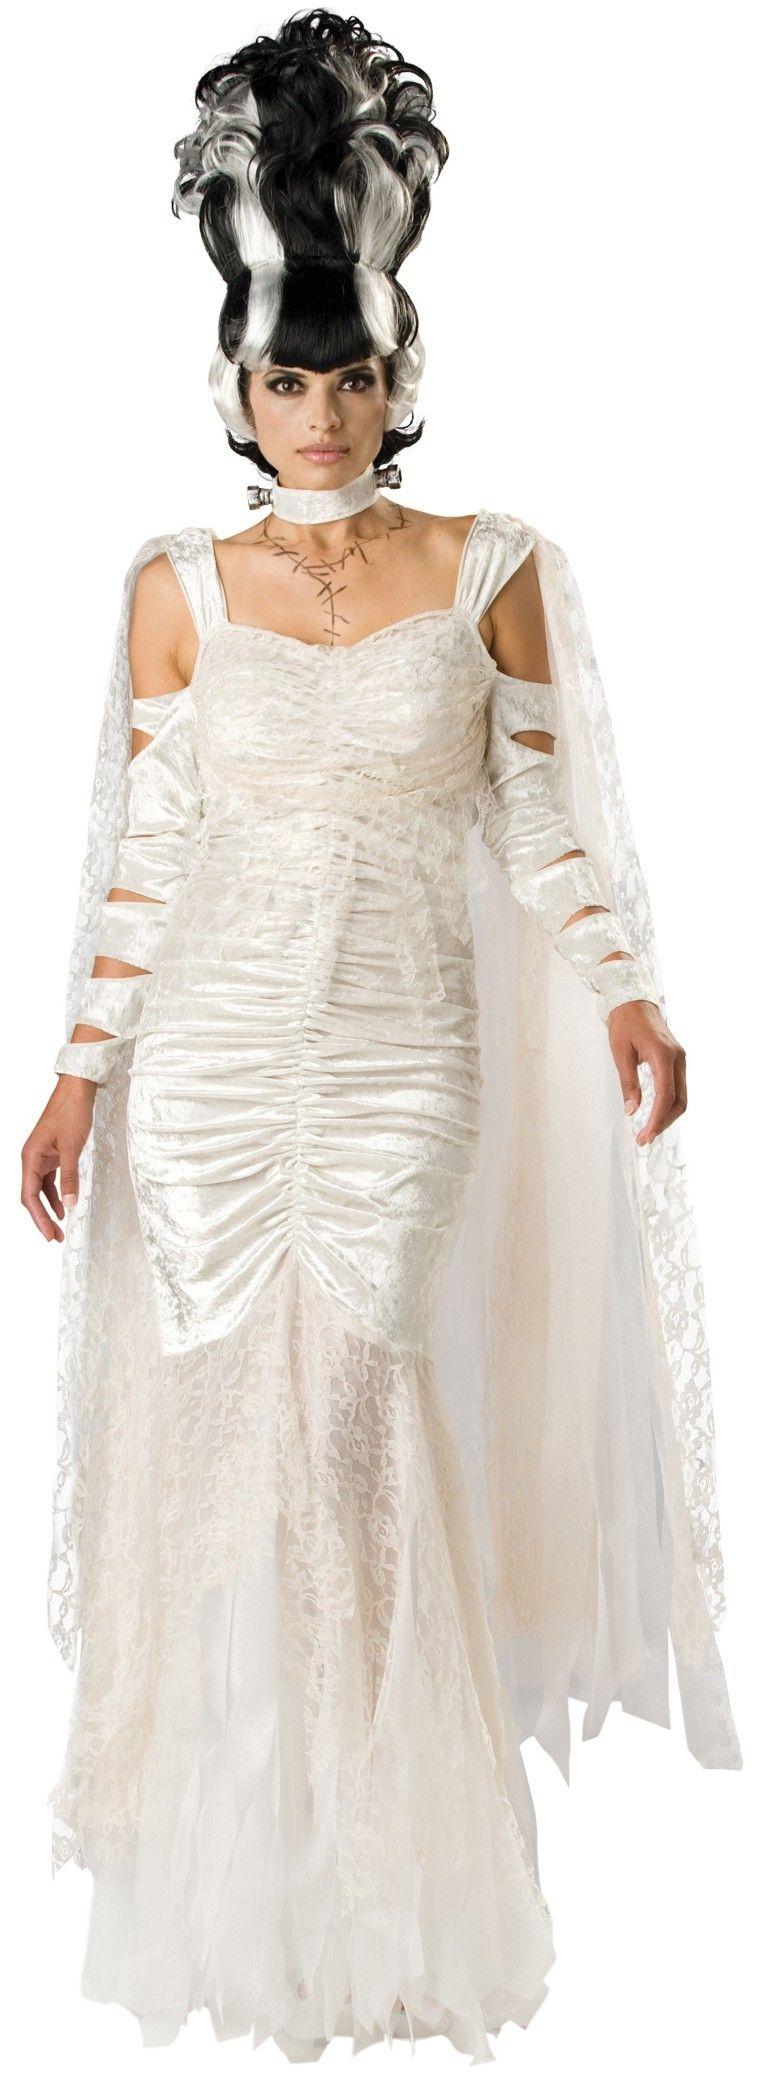 Костюм невесты монстра (54)